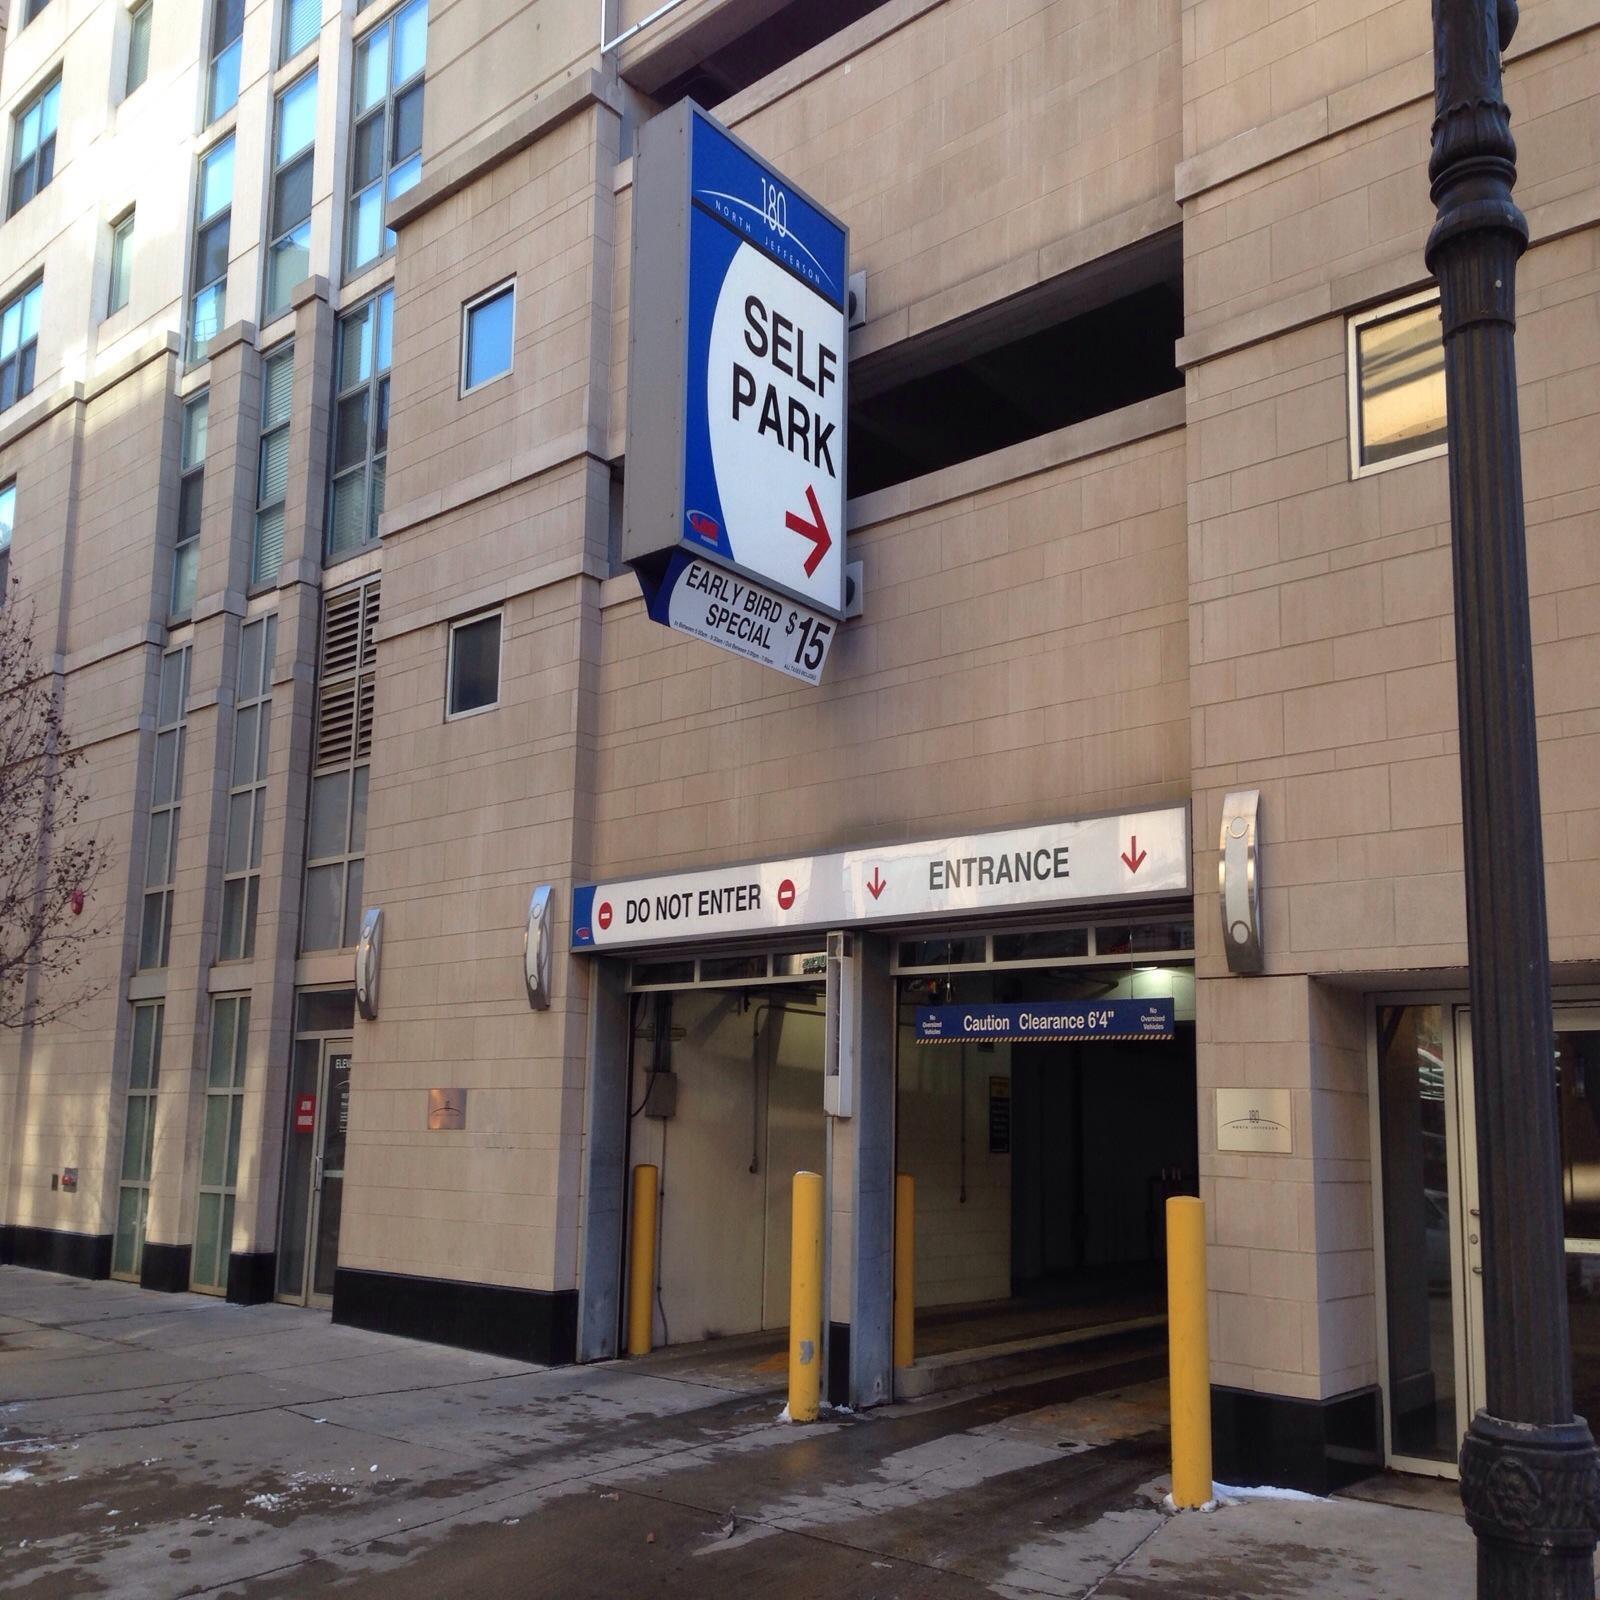 180 N Jefferson St Garage - Parking In Chicago